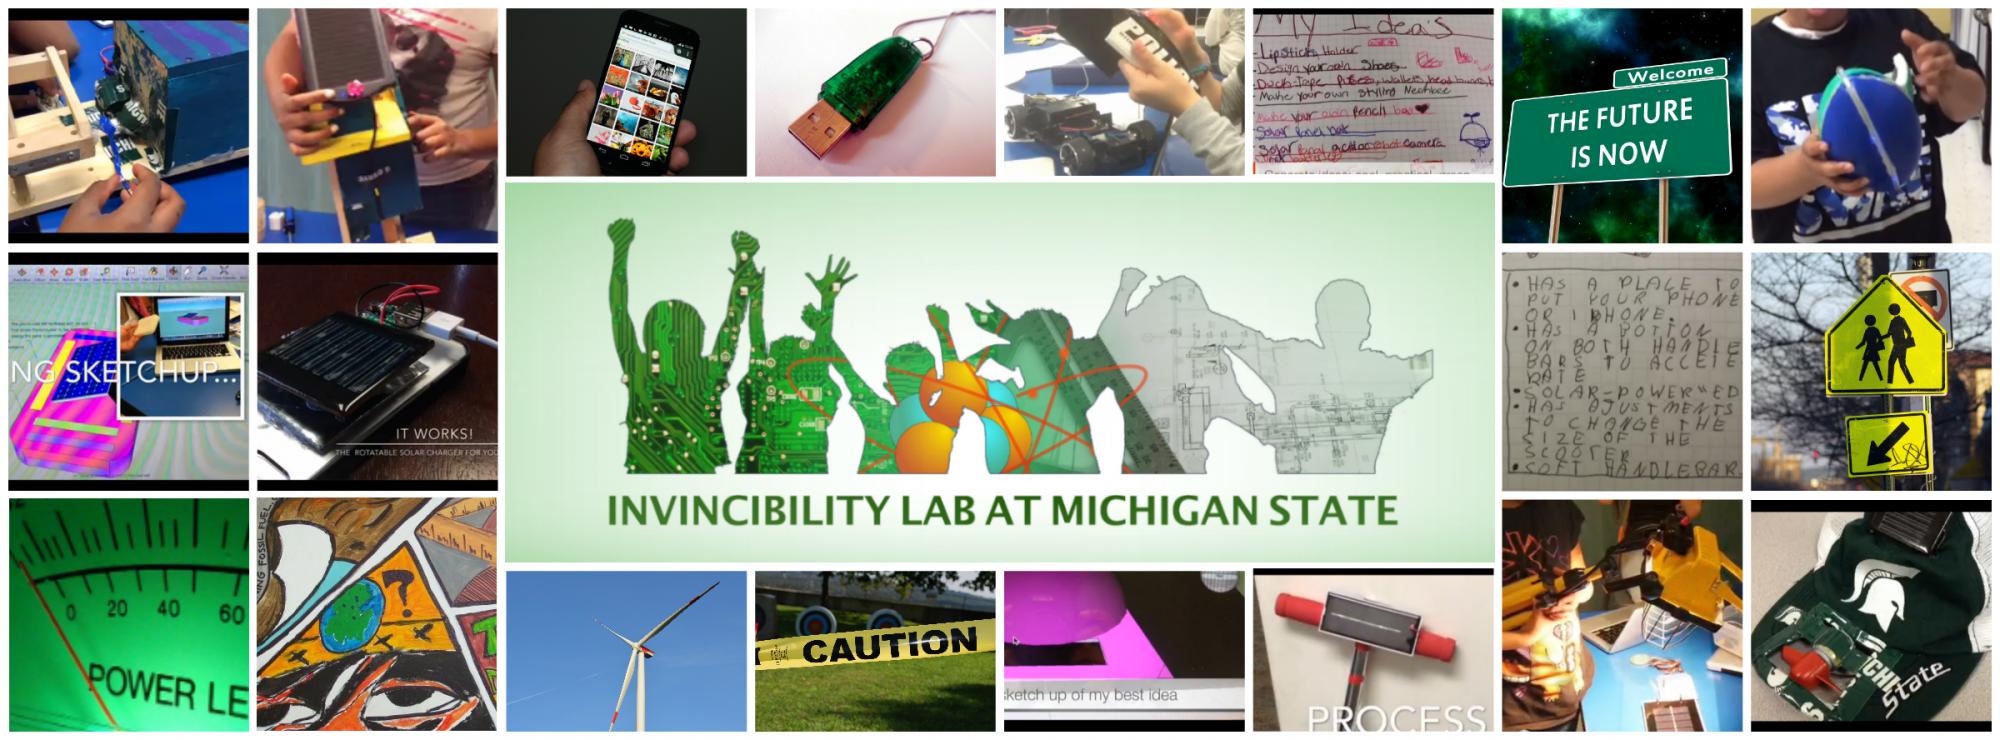 Invincibility Lab